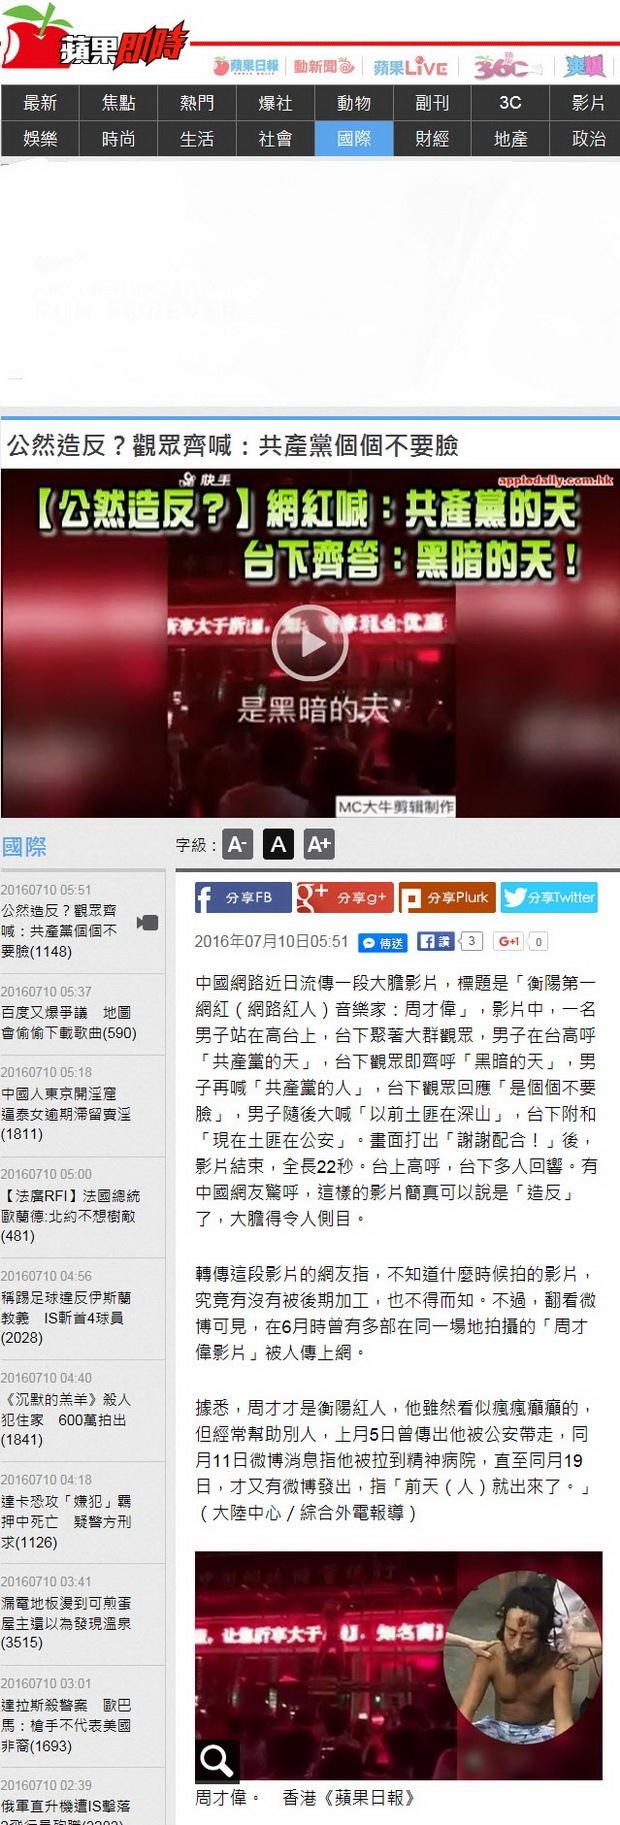 公然造反?觀眾齊喊:共產黨個個不要臉-2016.07.10.jpg